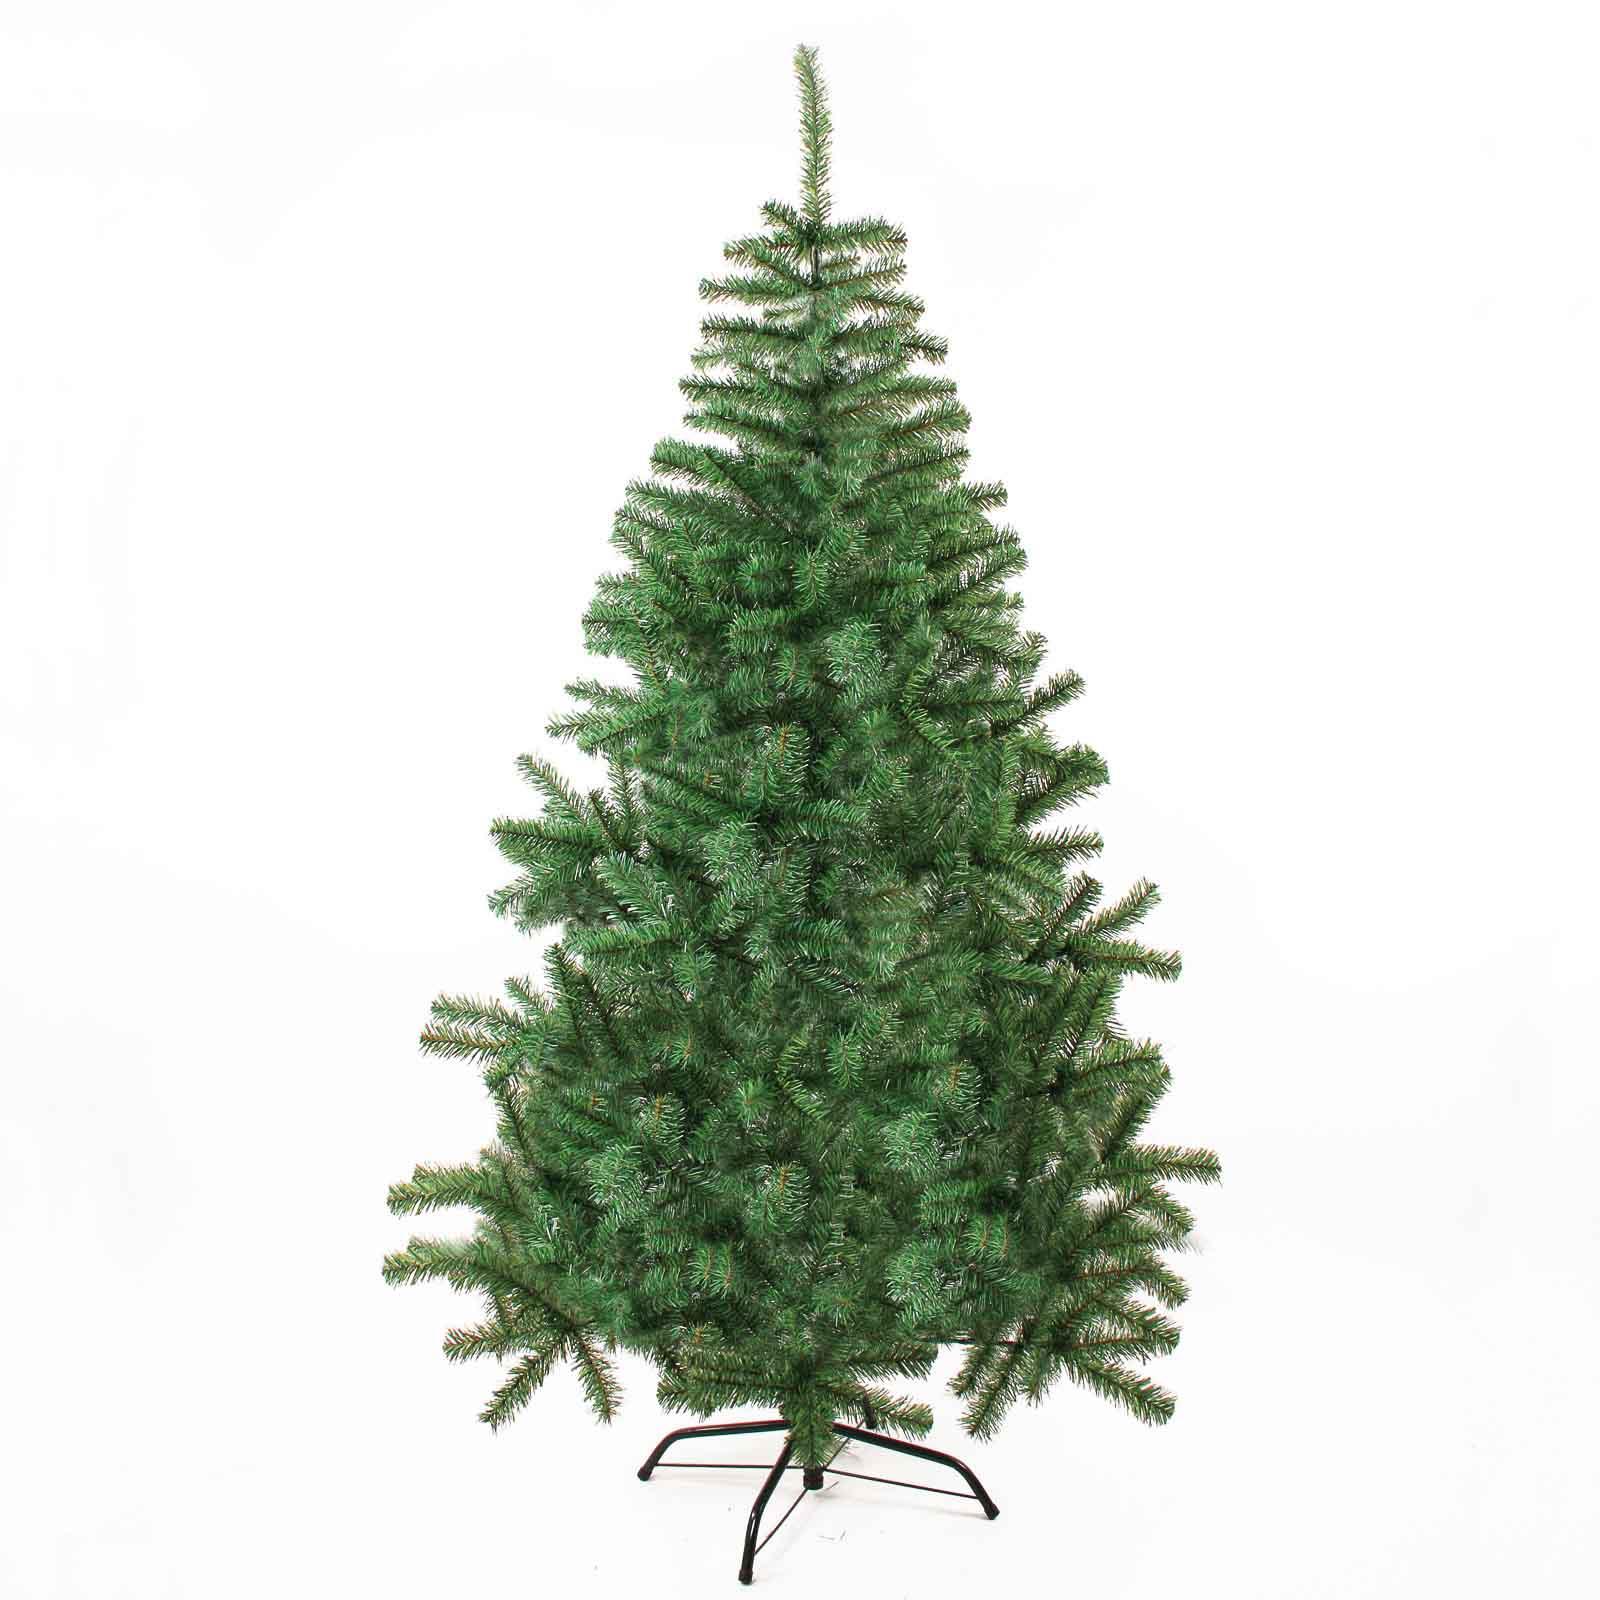 weihnachtsbaum kunstbaum k nstlicher baum tannenbaum 180 cm hoch 860 spitzen ebay. Black Bedroom Furniture Sets. Home Design Ideas